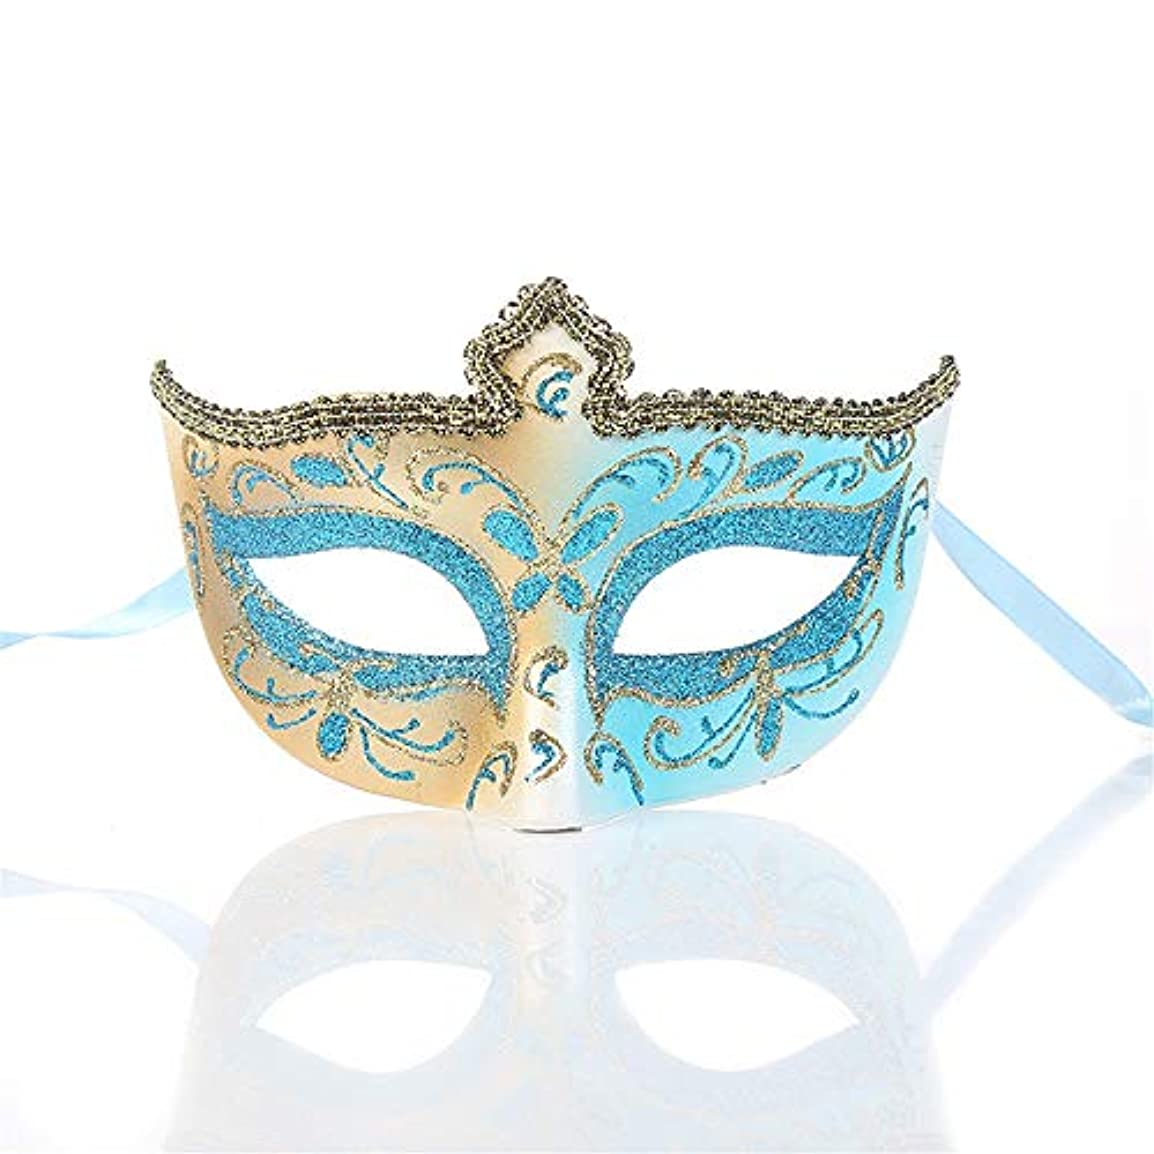 バレーボール象知性ダンスマスク クリエイティブクラシックハーフマスクマスカレードパーティーデコレーションコスプレプラスチックマスク ホリデーパーティー用品 (色 : 青, サイズ : 17x11cm)